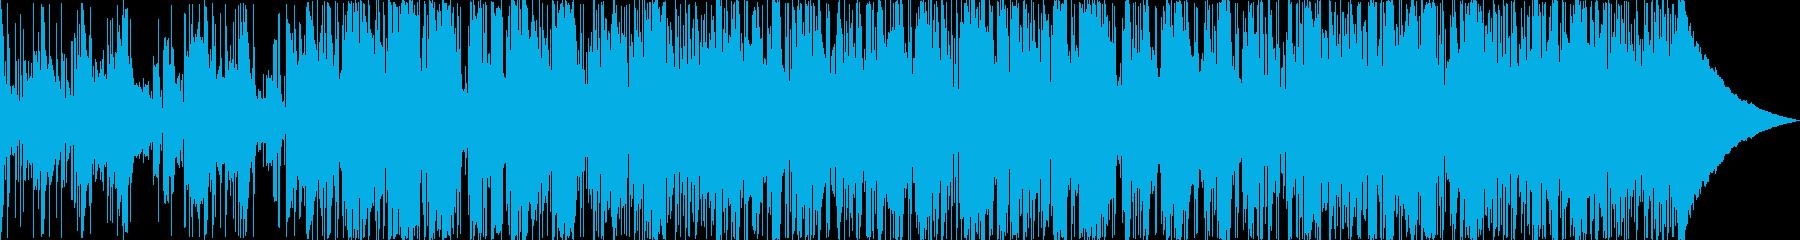 ドキュメンタリー 説明的 静か お...の再生済みの波形